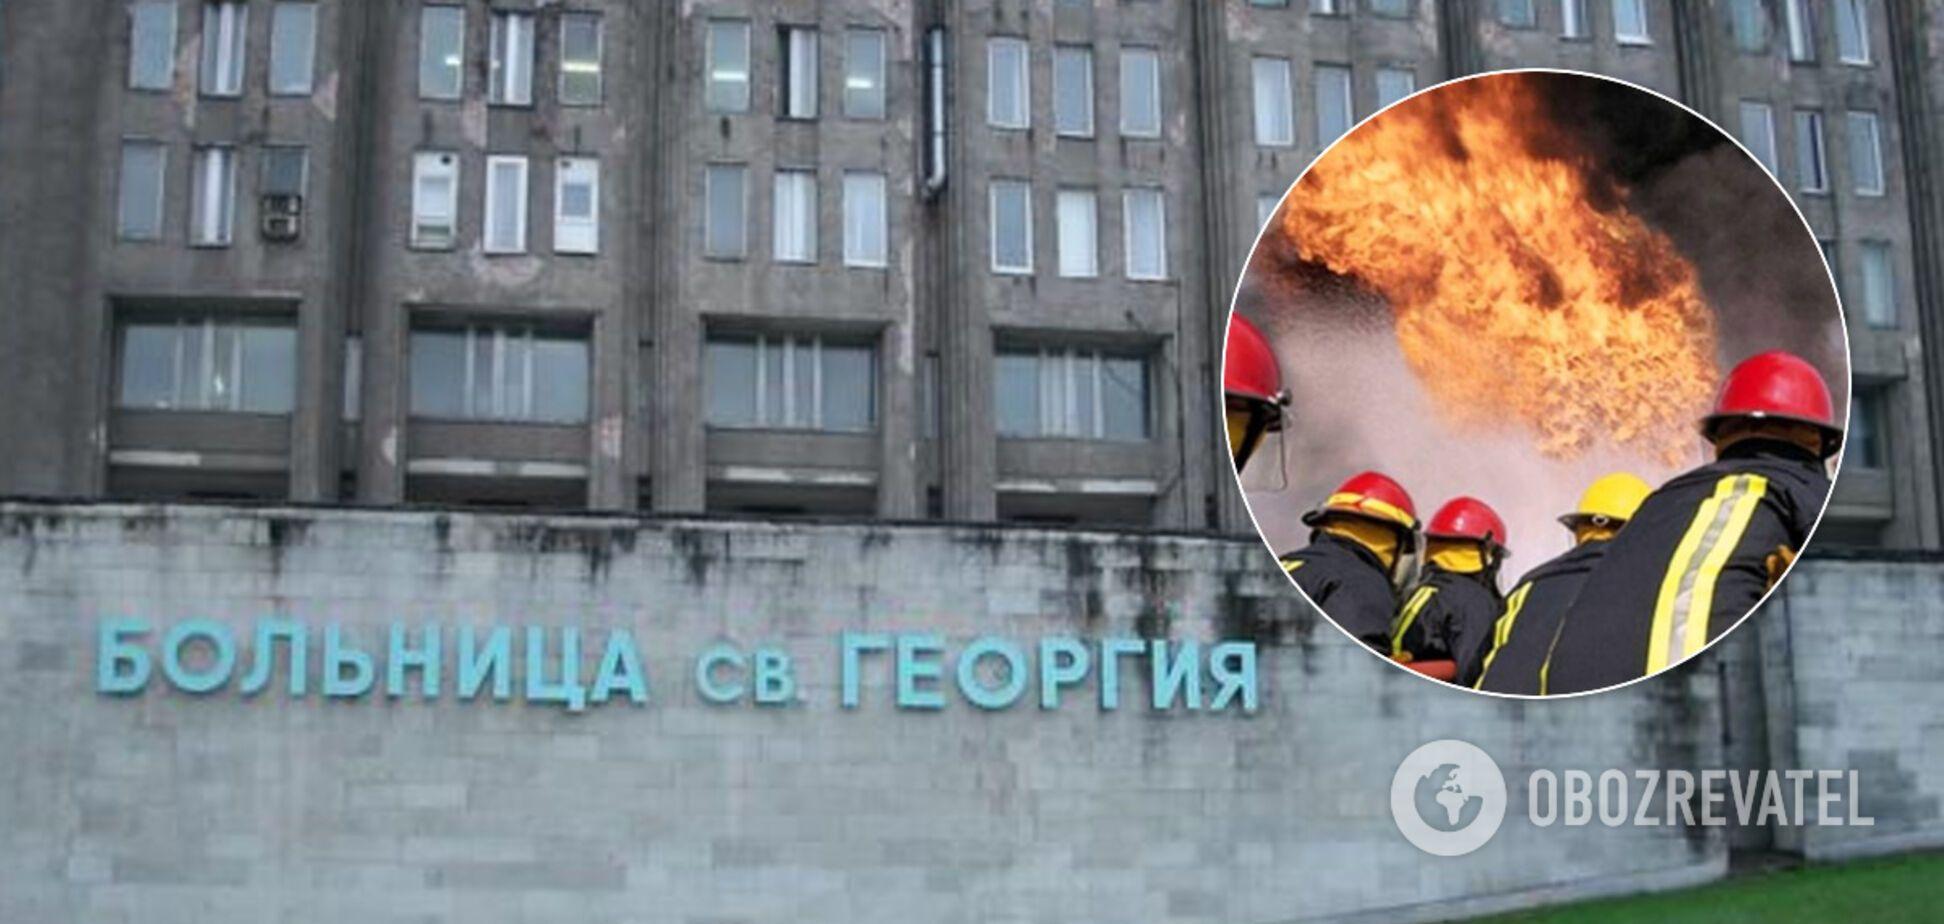 В Петербурге сгорело коронавирусное отделение больницы: погибли COVID-позитивные